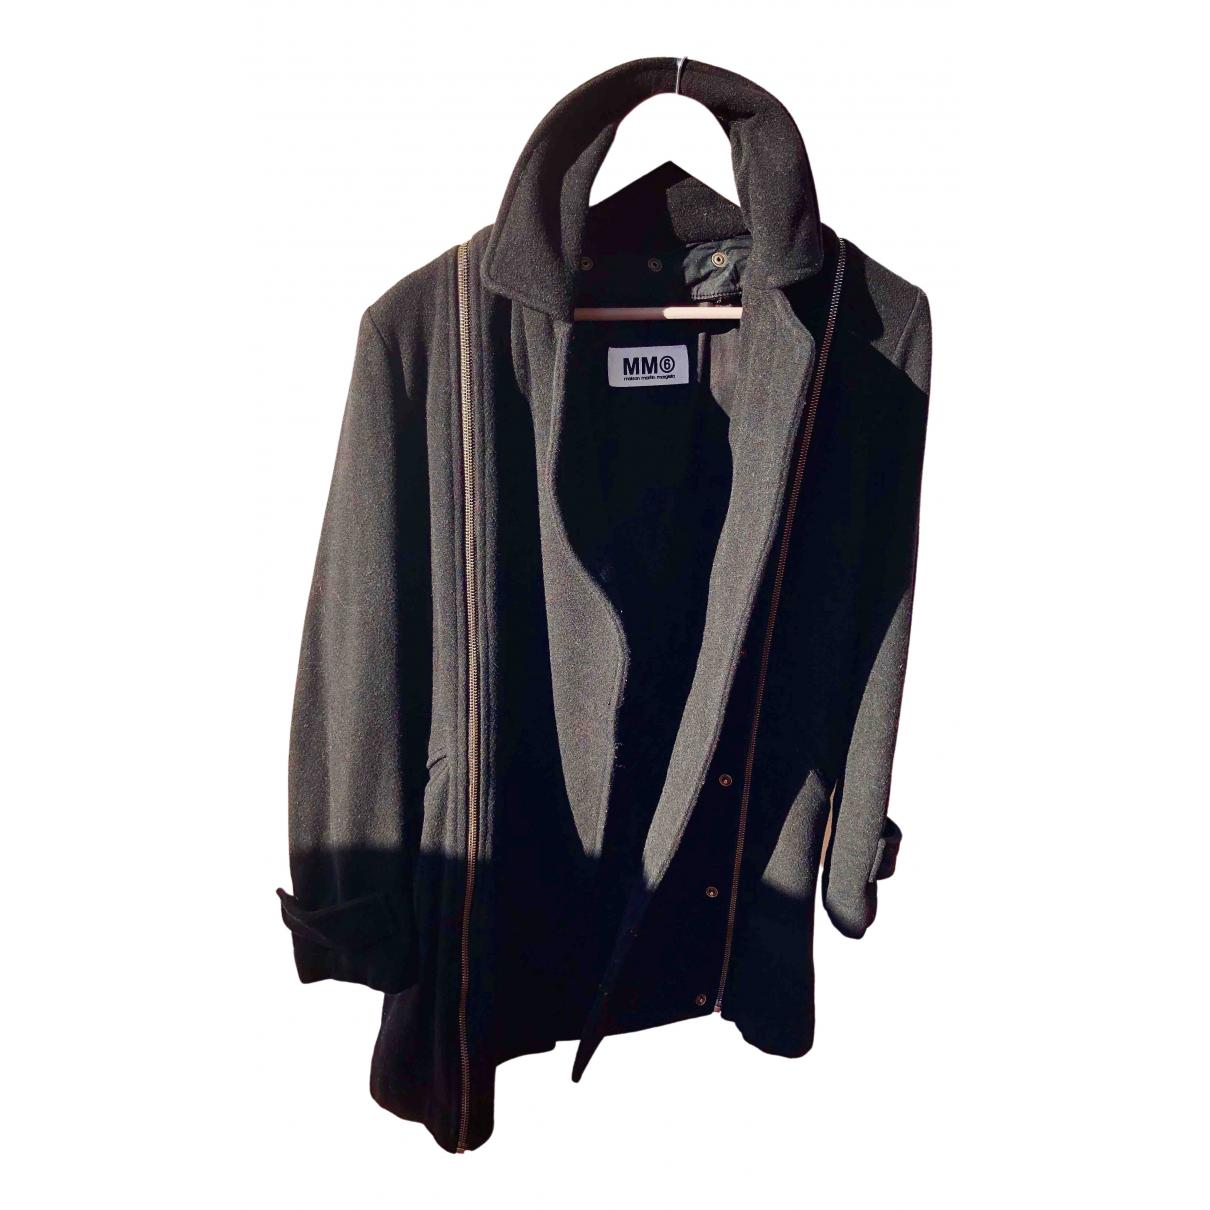 Mm6 - Veste   pour femme en cachemire - noir